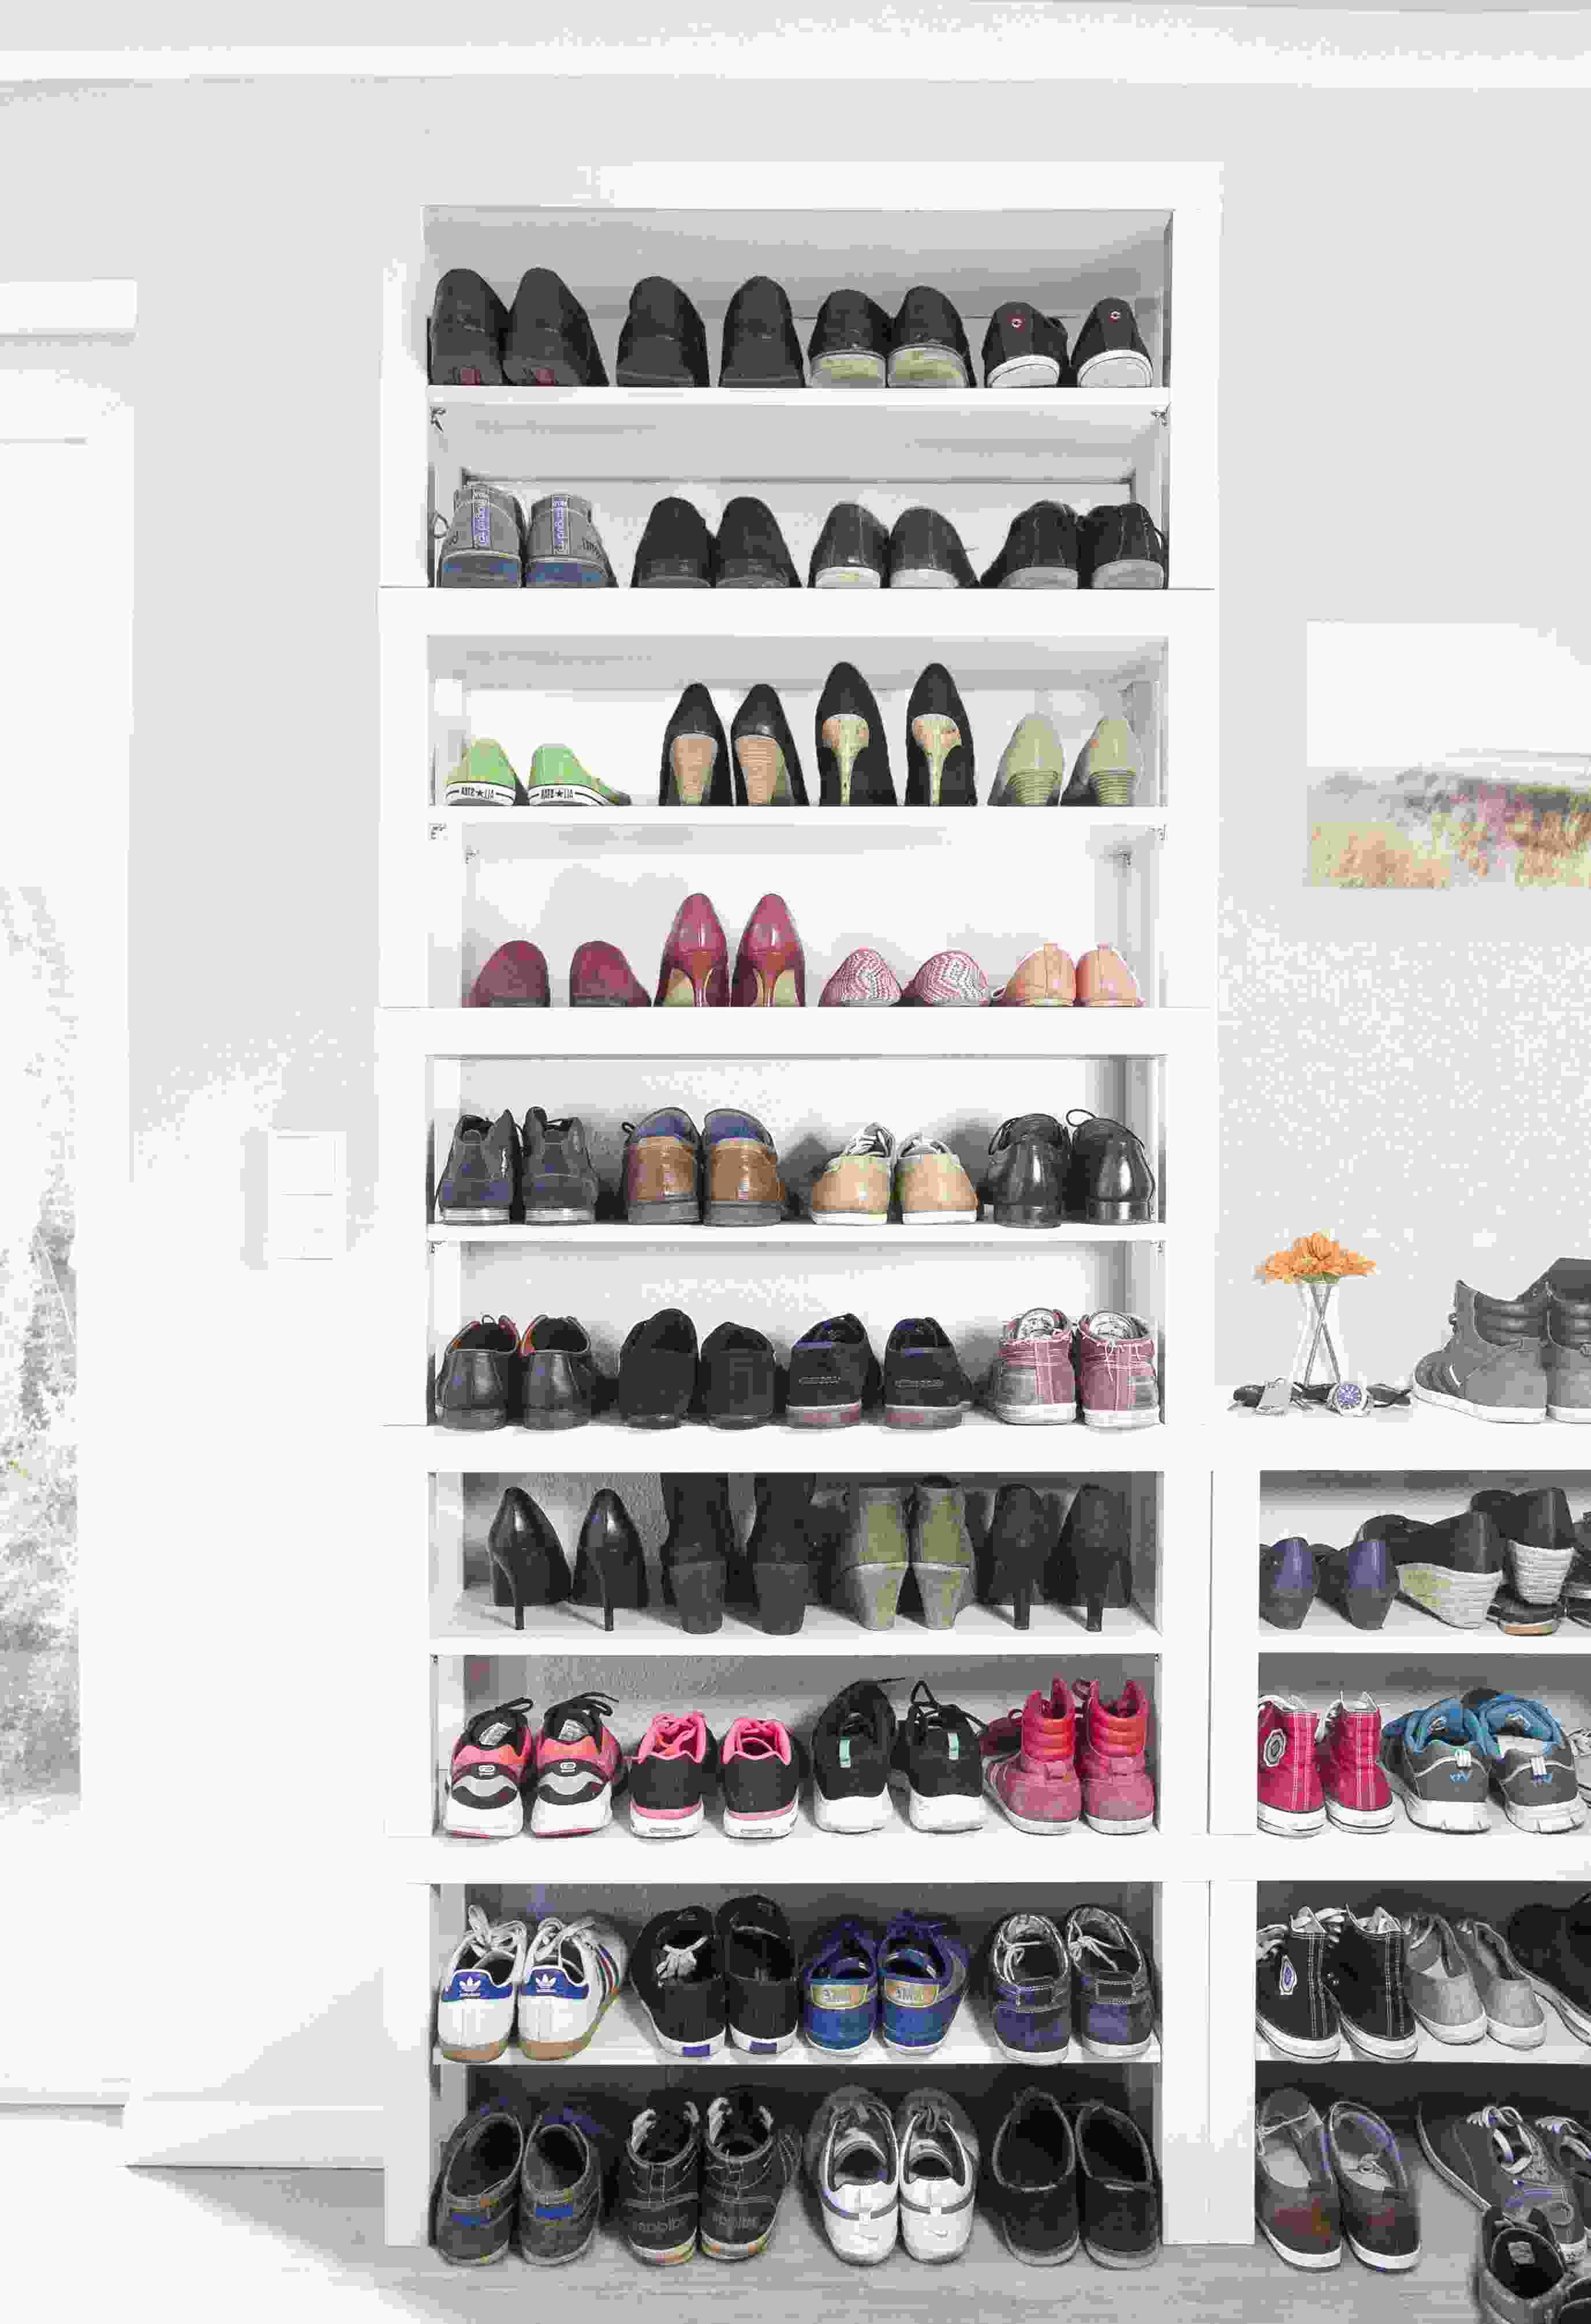 Ikea Schuhregal gebraucht kaufen! 2 St. bis -60% günstiger